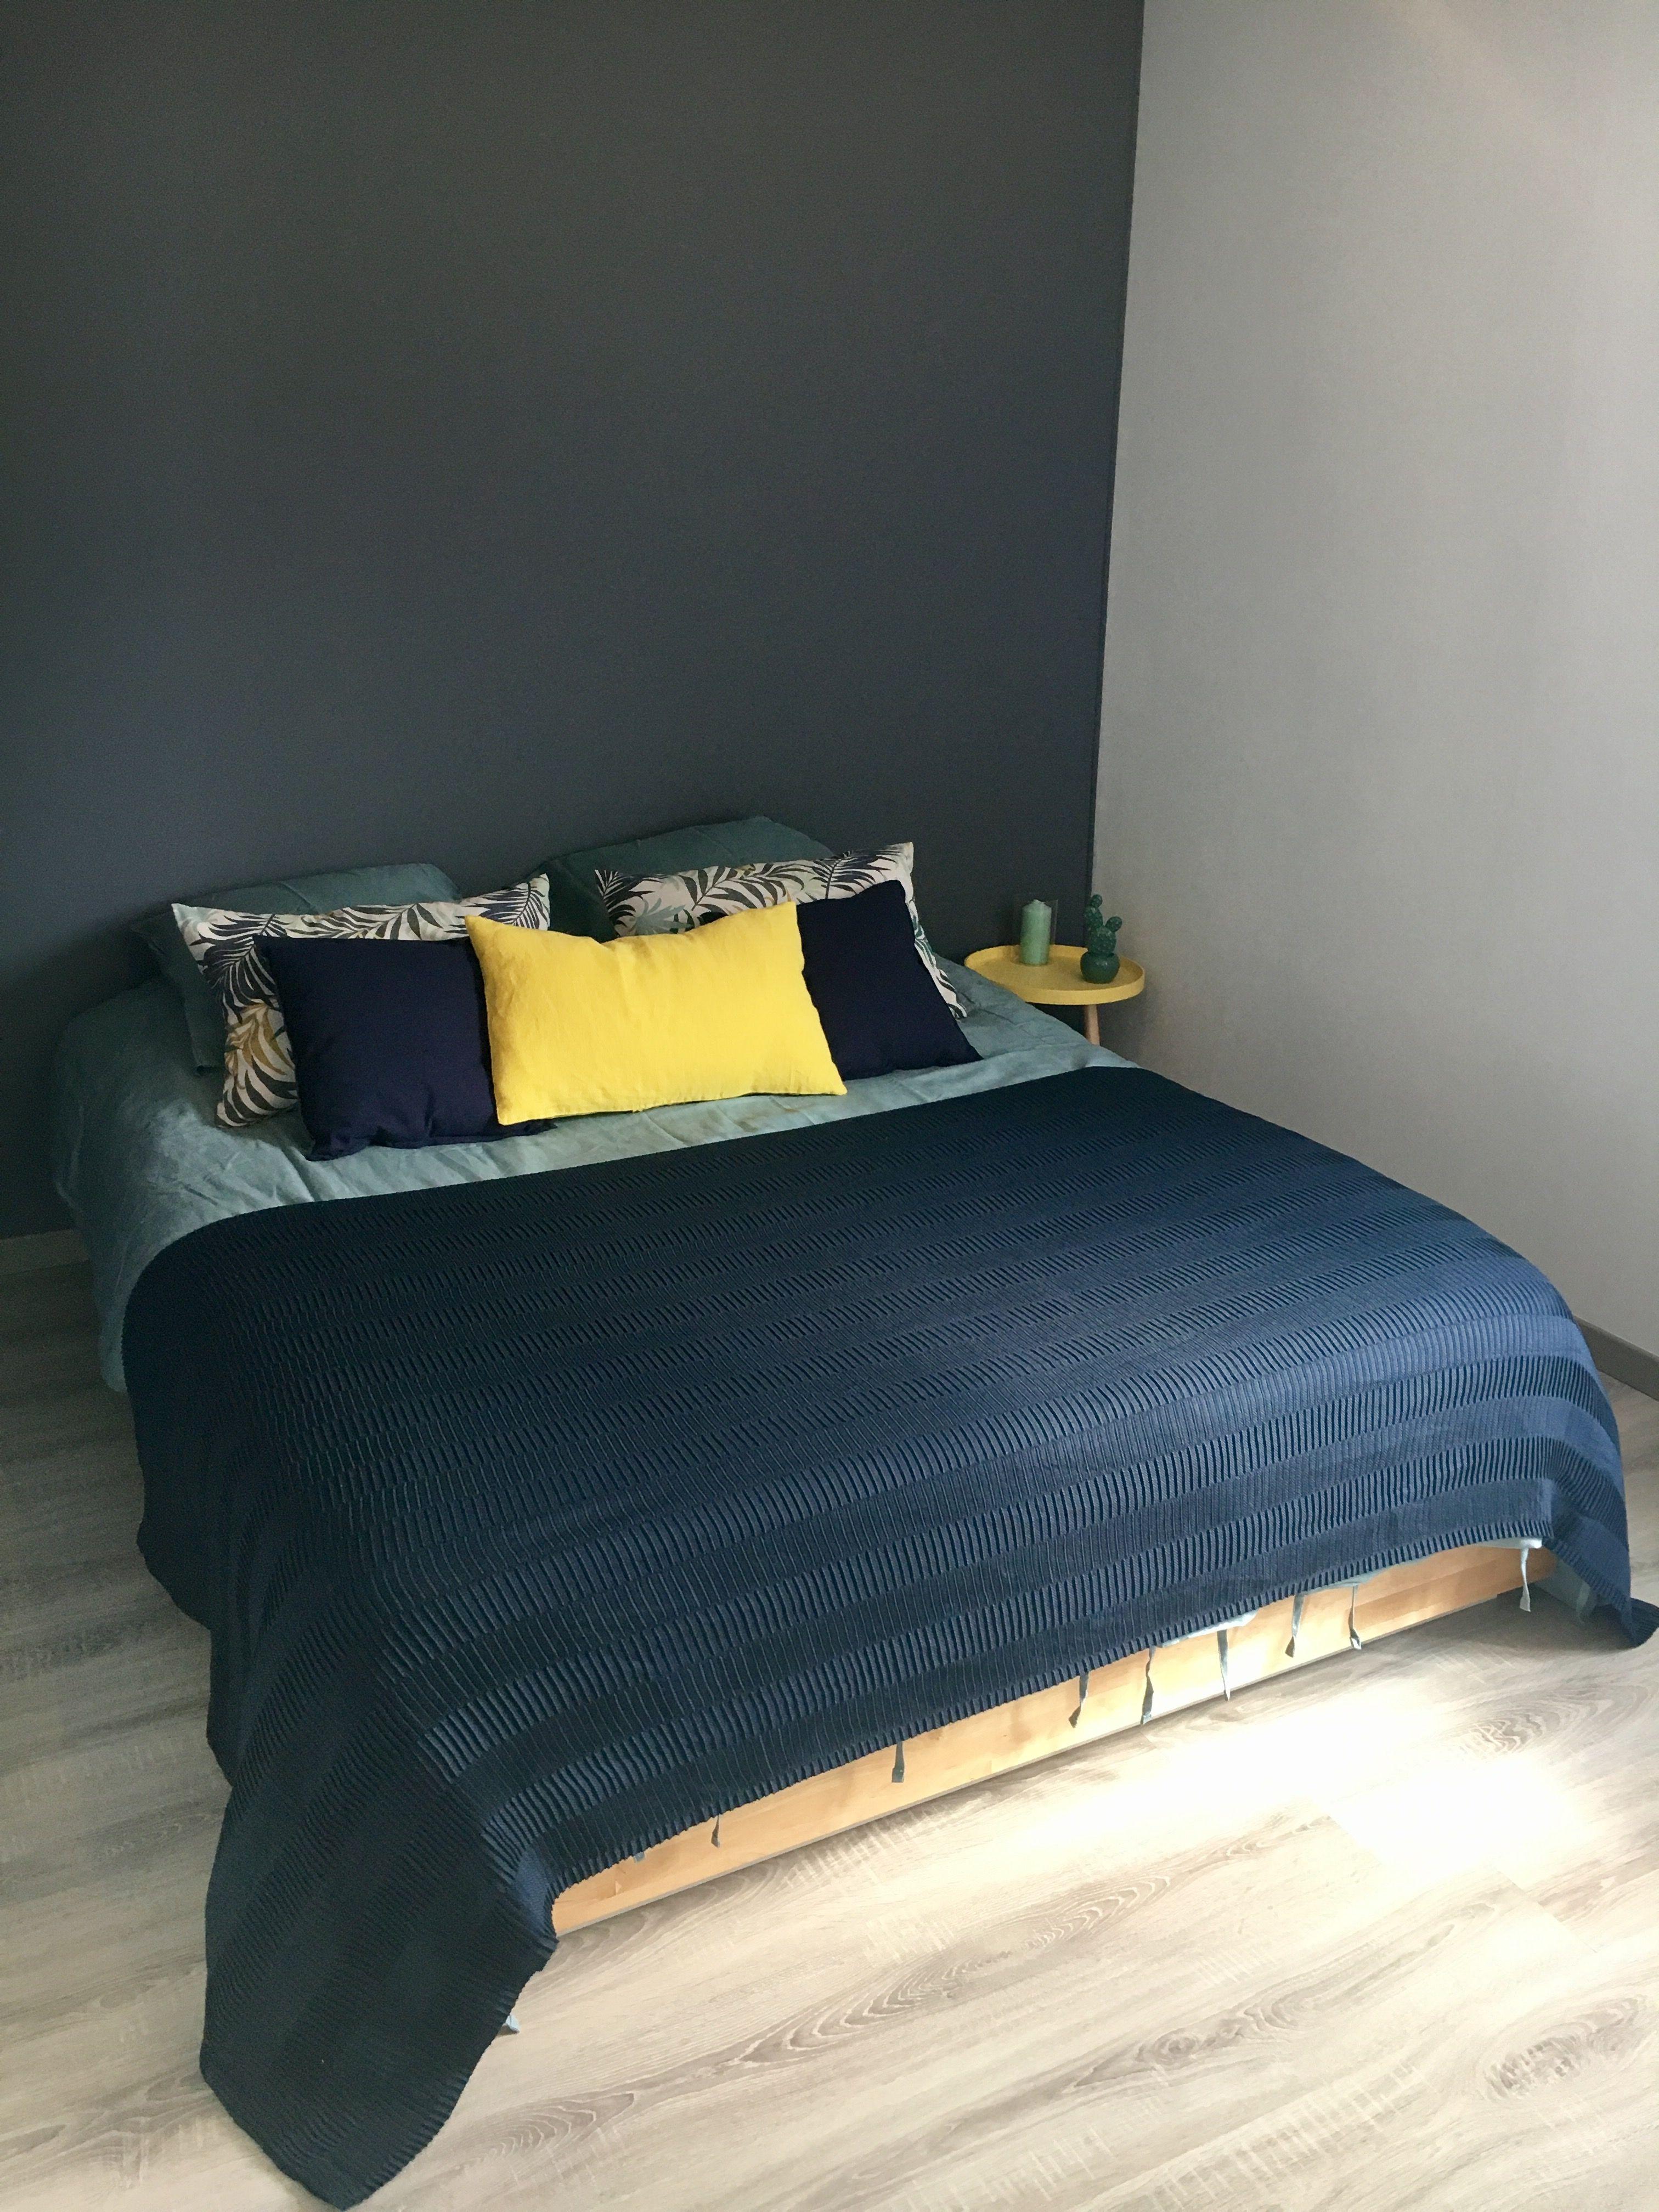 Decoration Chambre Adulte Bleu Et Jaune   Peinture Bleu Marine Chambre